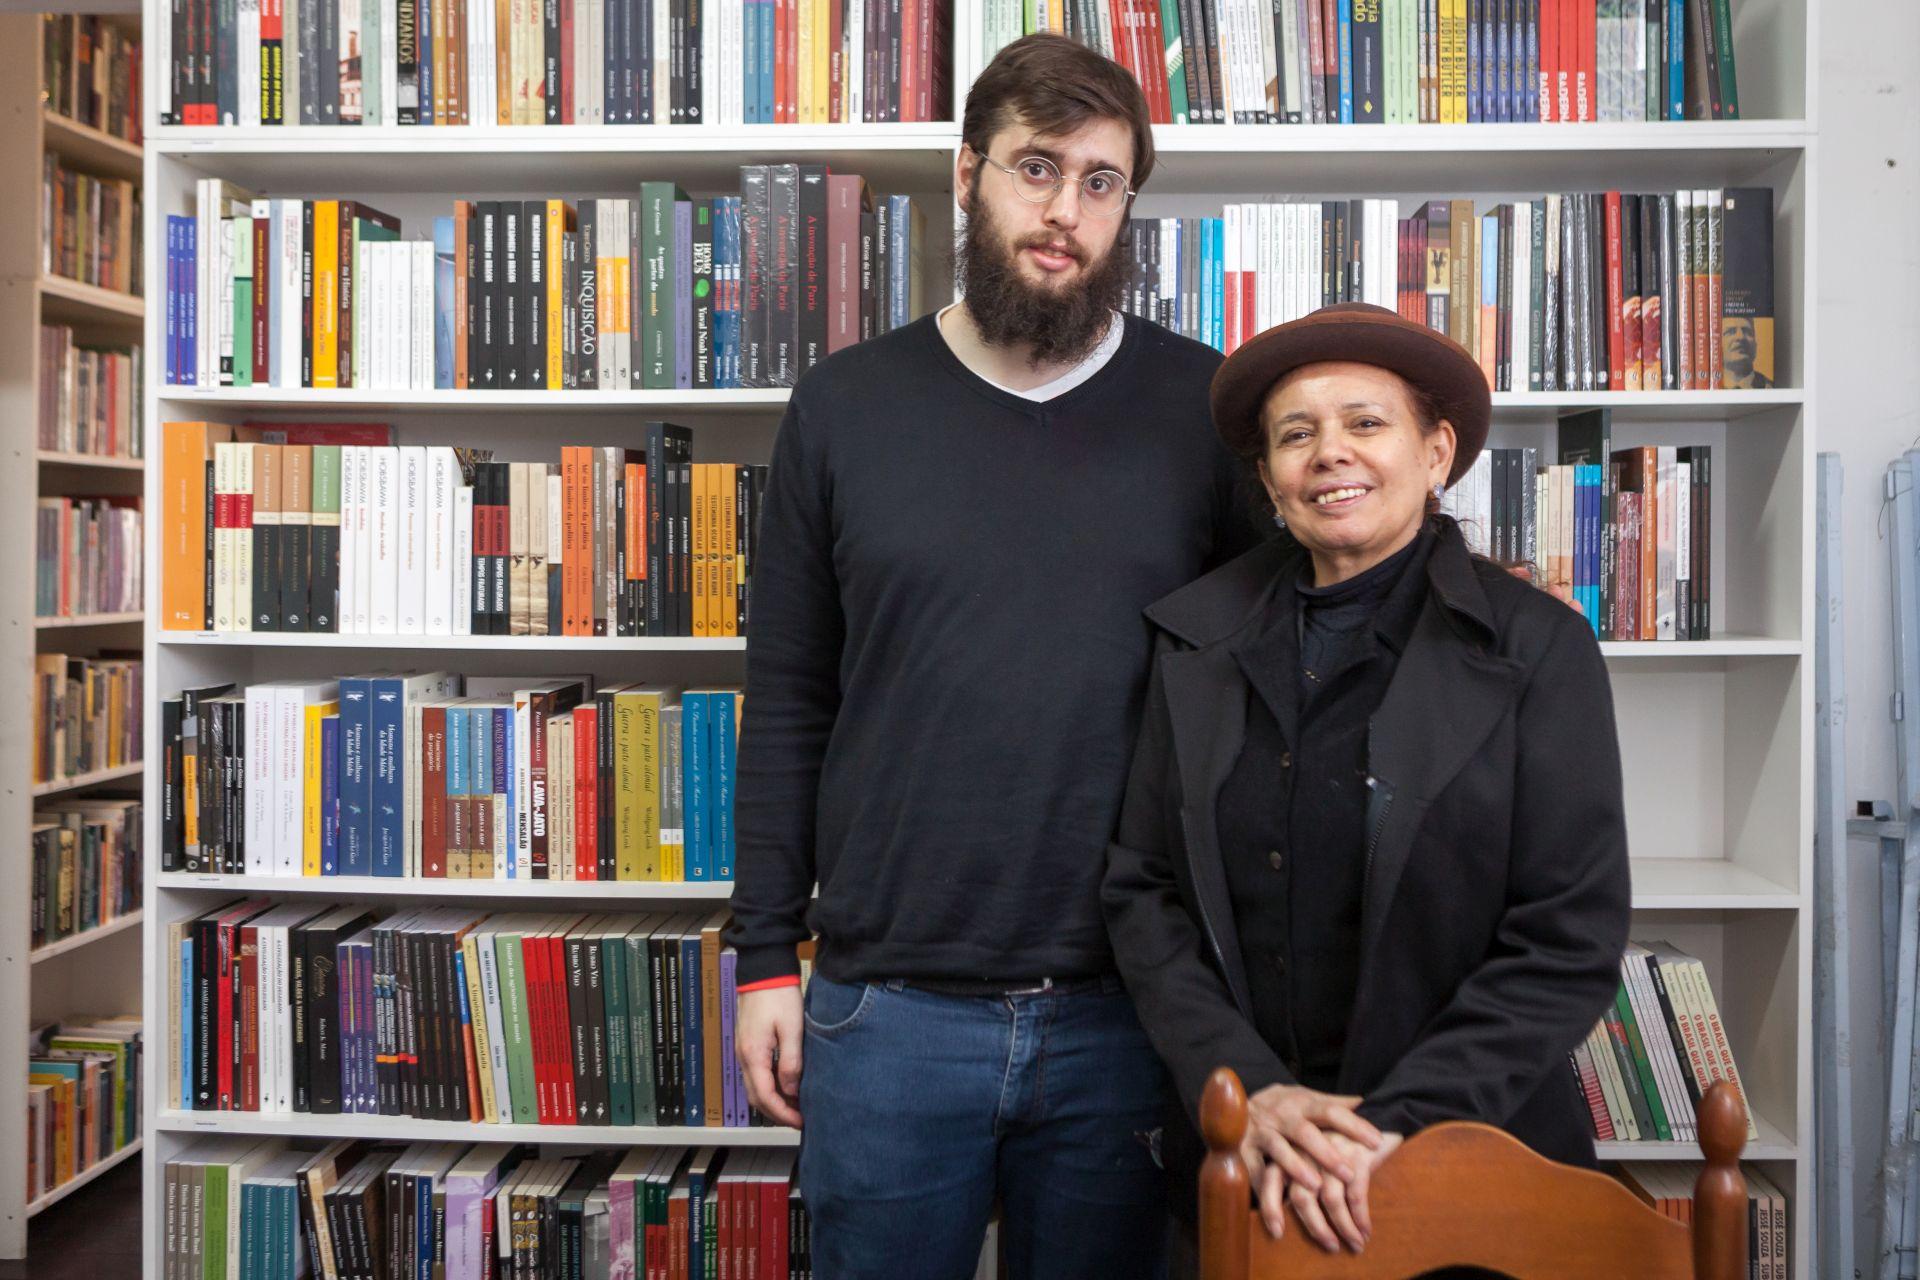 Erich Miners, estudante de História, e Socorro Araújo: sócios e livreiros da Vertov. Foto: Fernando Zequinão/Gazeta do Povo